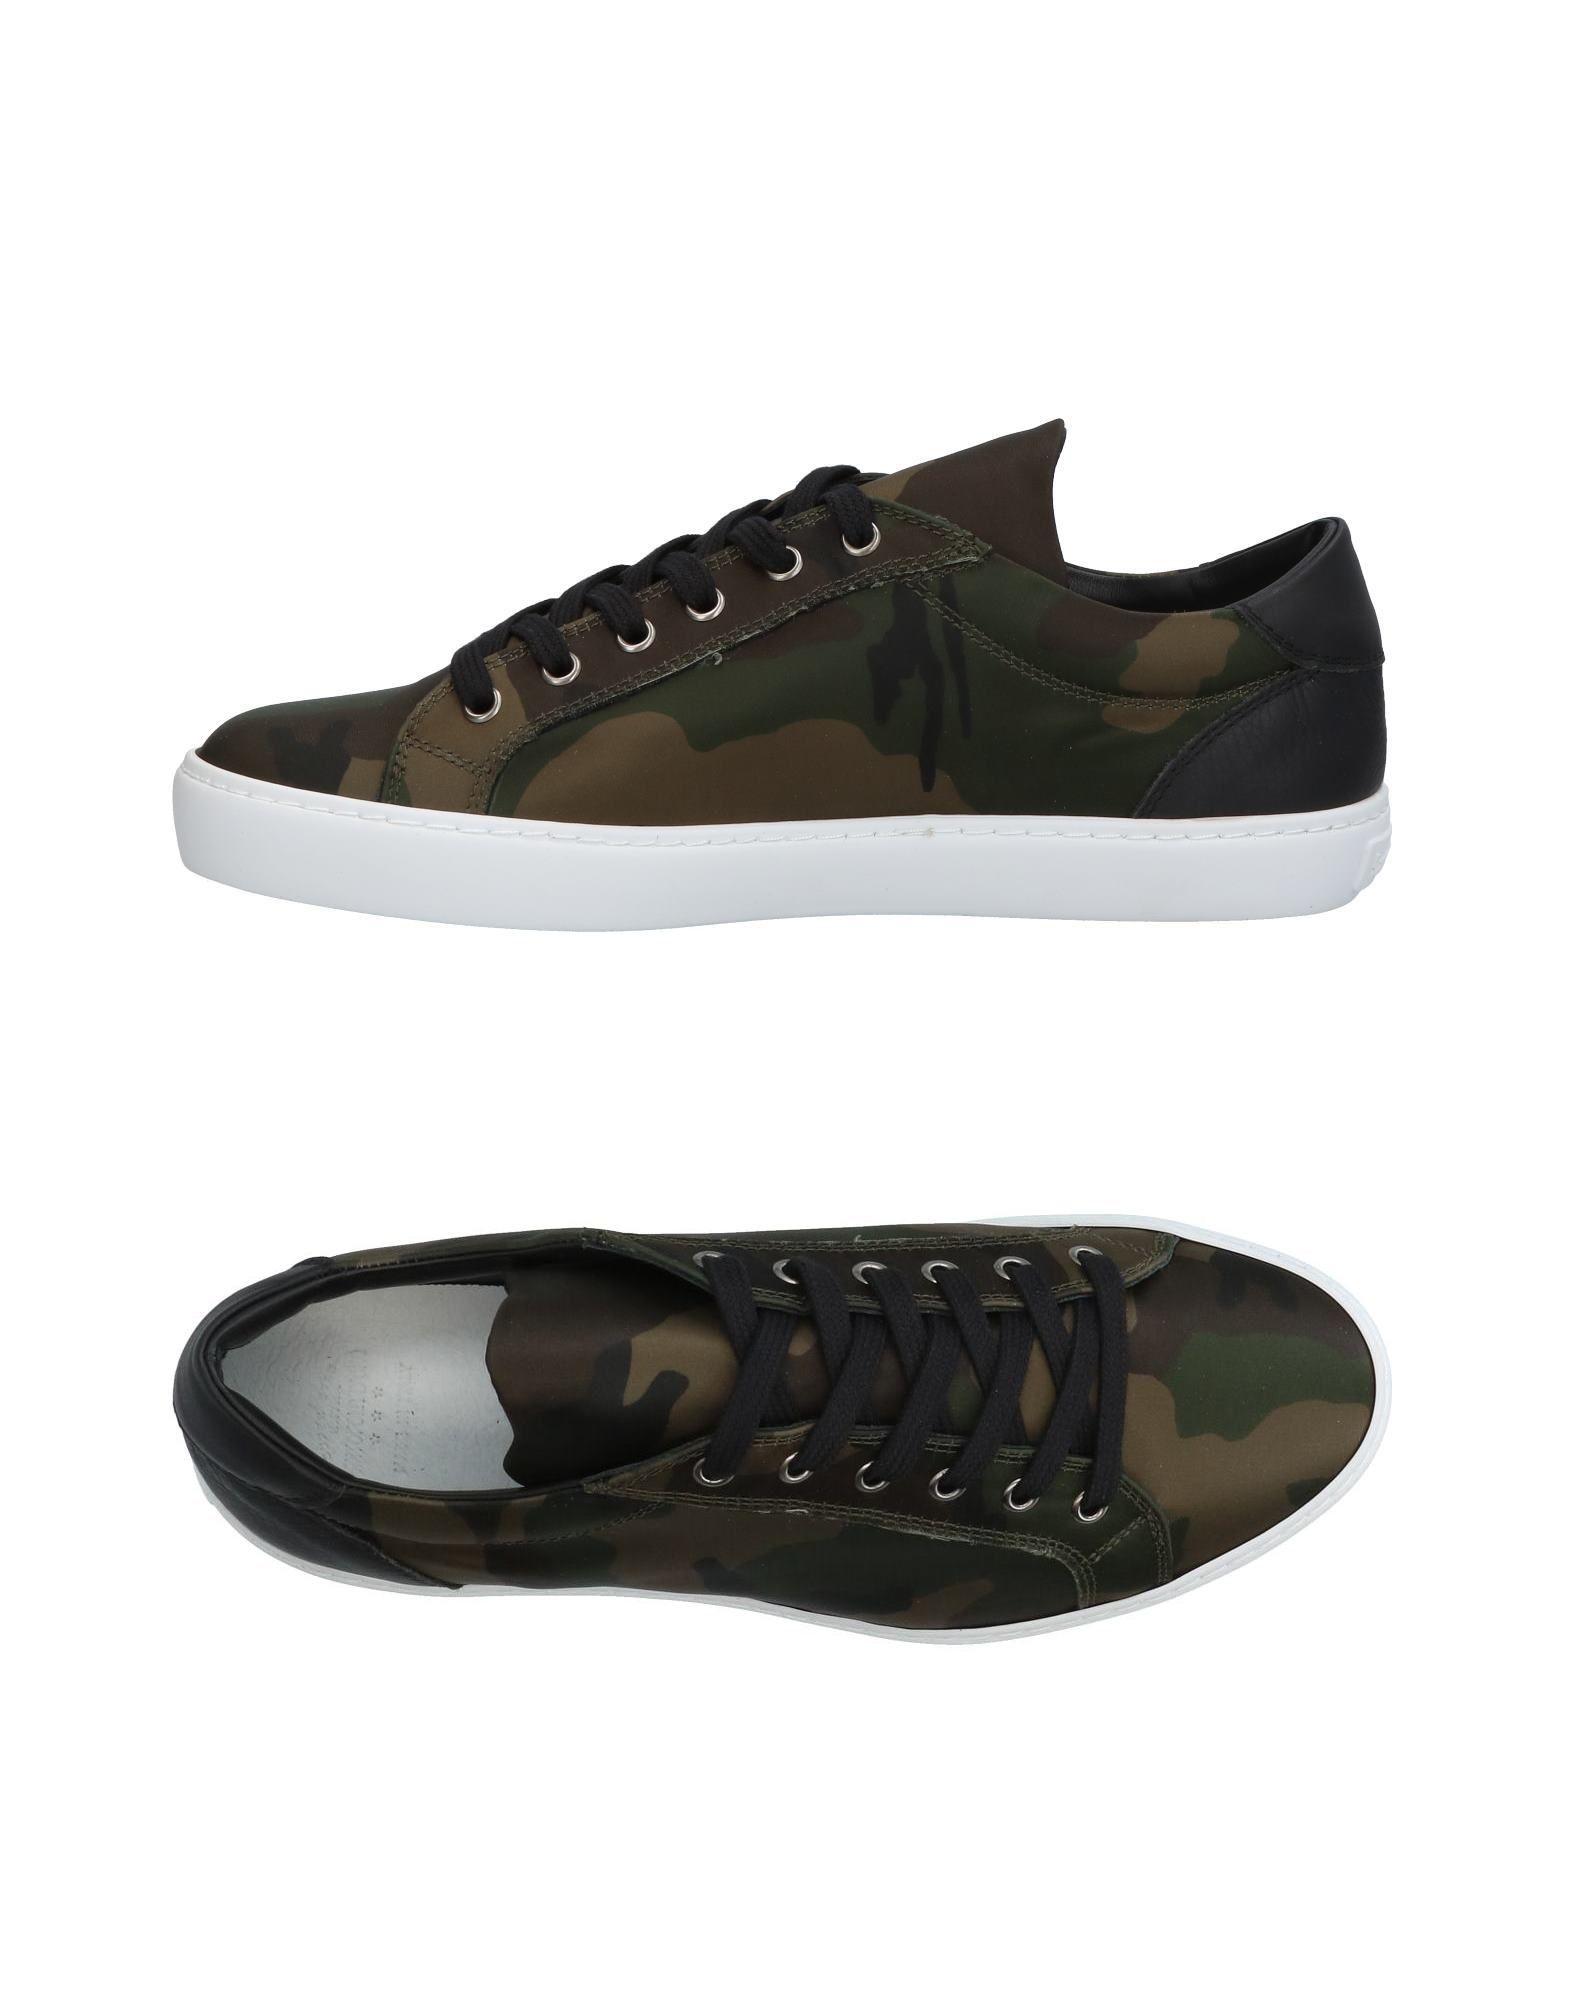 D'oro Pantofola D'oro  Sneakers Herren  11338853NK 8c5ef6